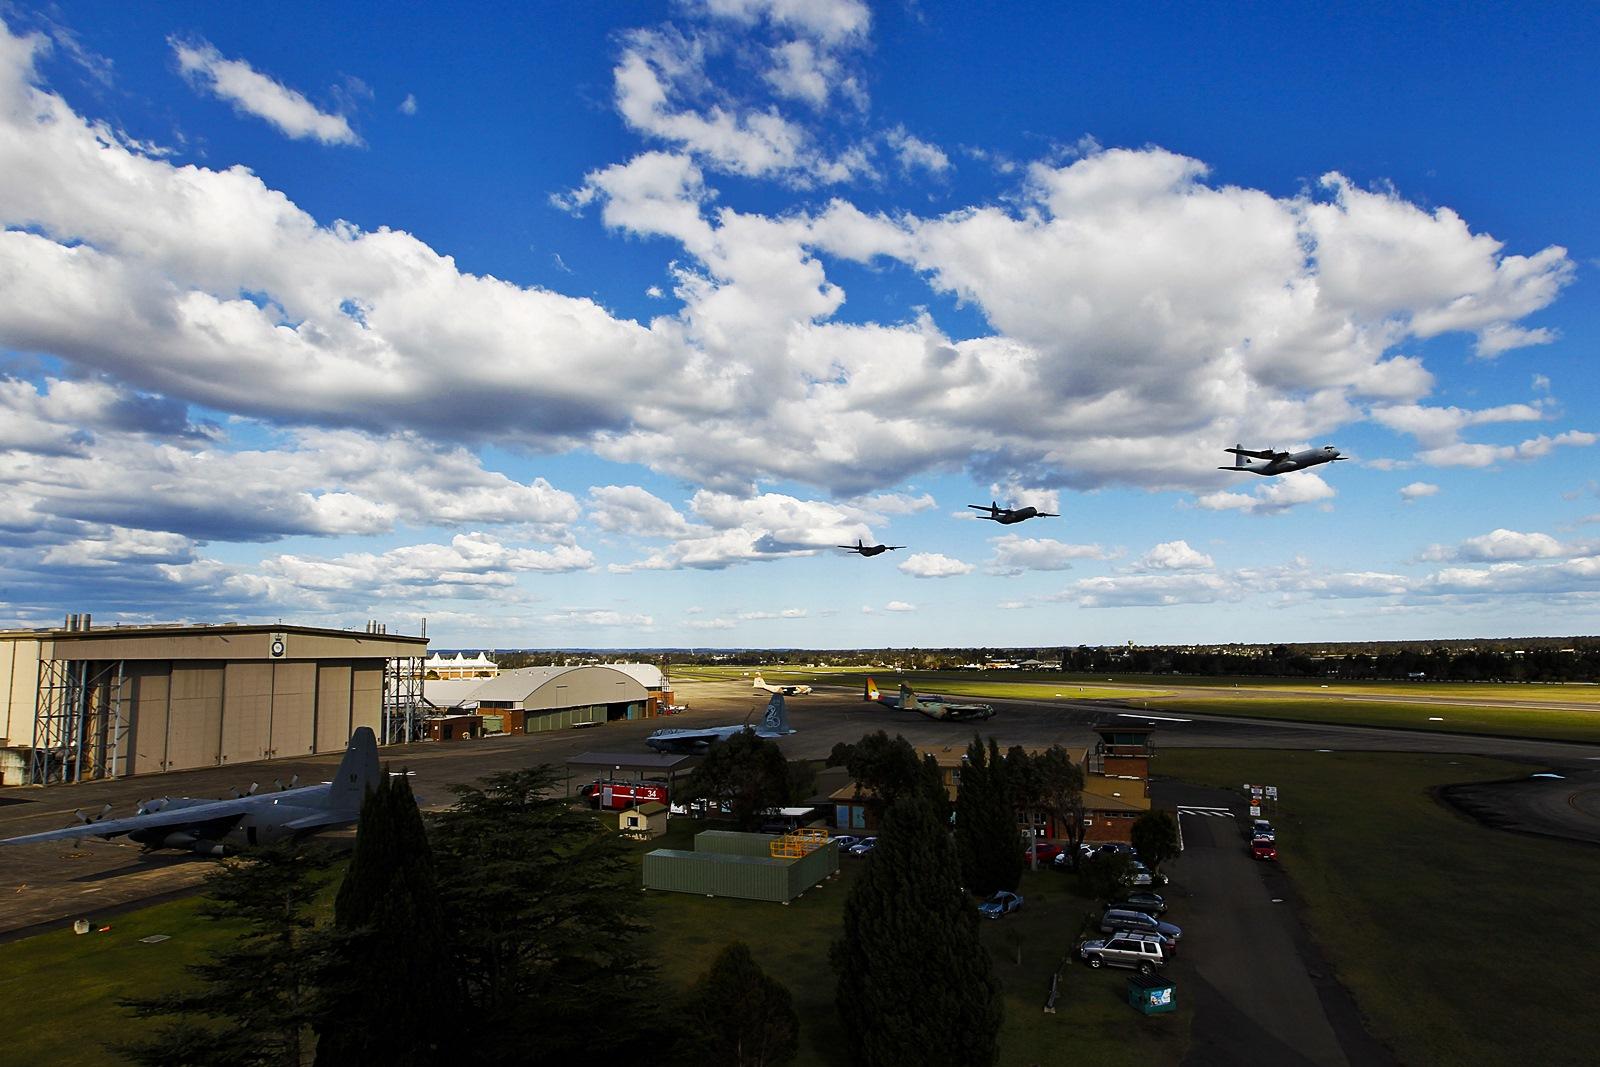 56년간 80만 비행시간 달성 호주공군 C-130 Hercule..